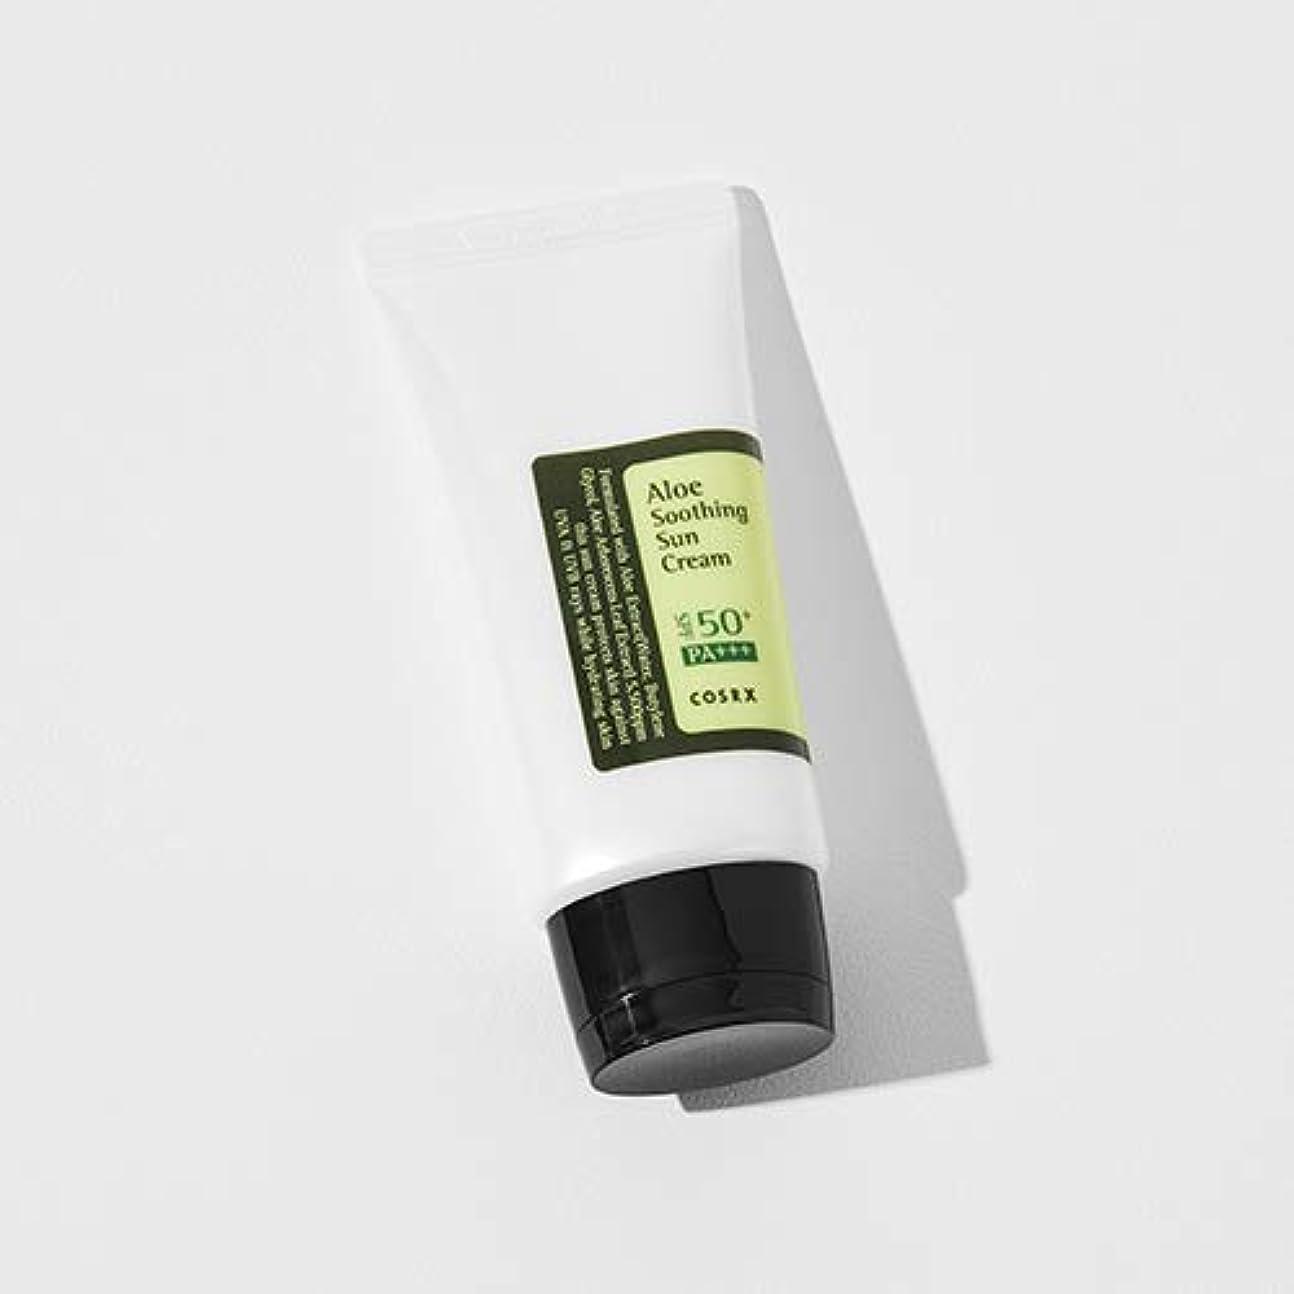 放映原子炉連続した[COSRX] Aloe Soothing Sun Cream 50ml / [COSRX] アロエ スーディング サンクリーム 50ml [並行輸入品]